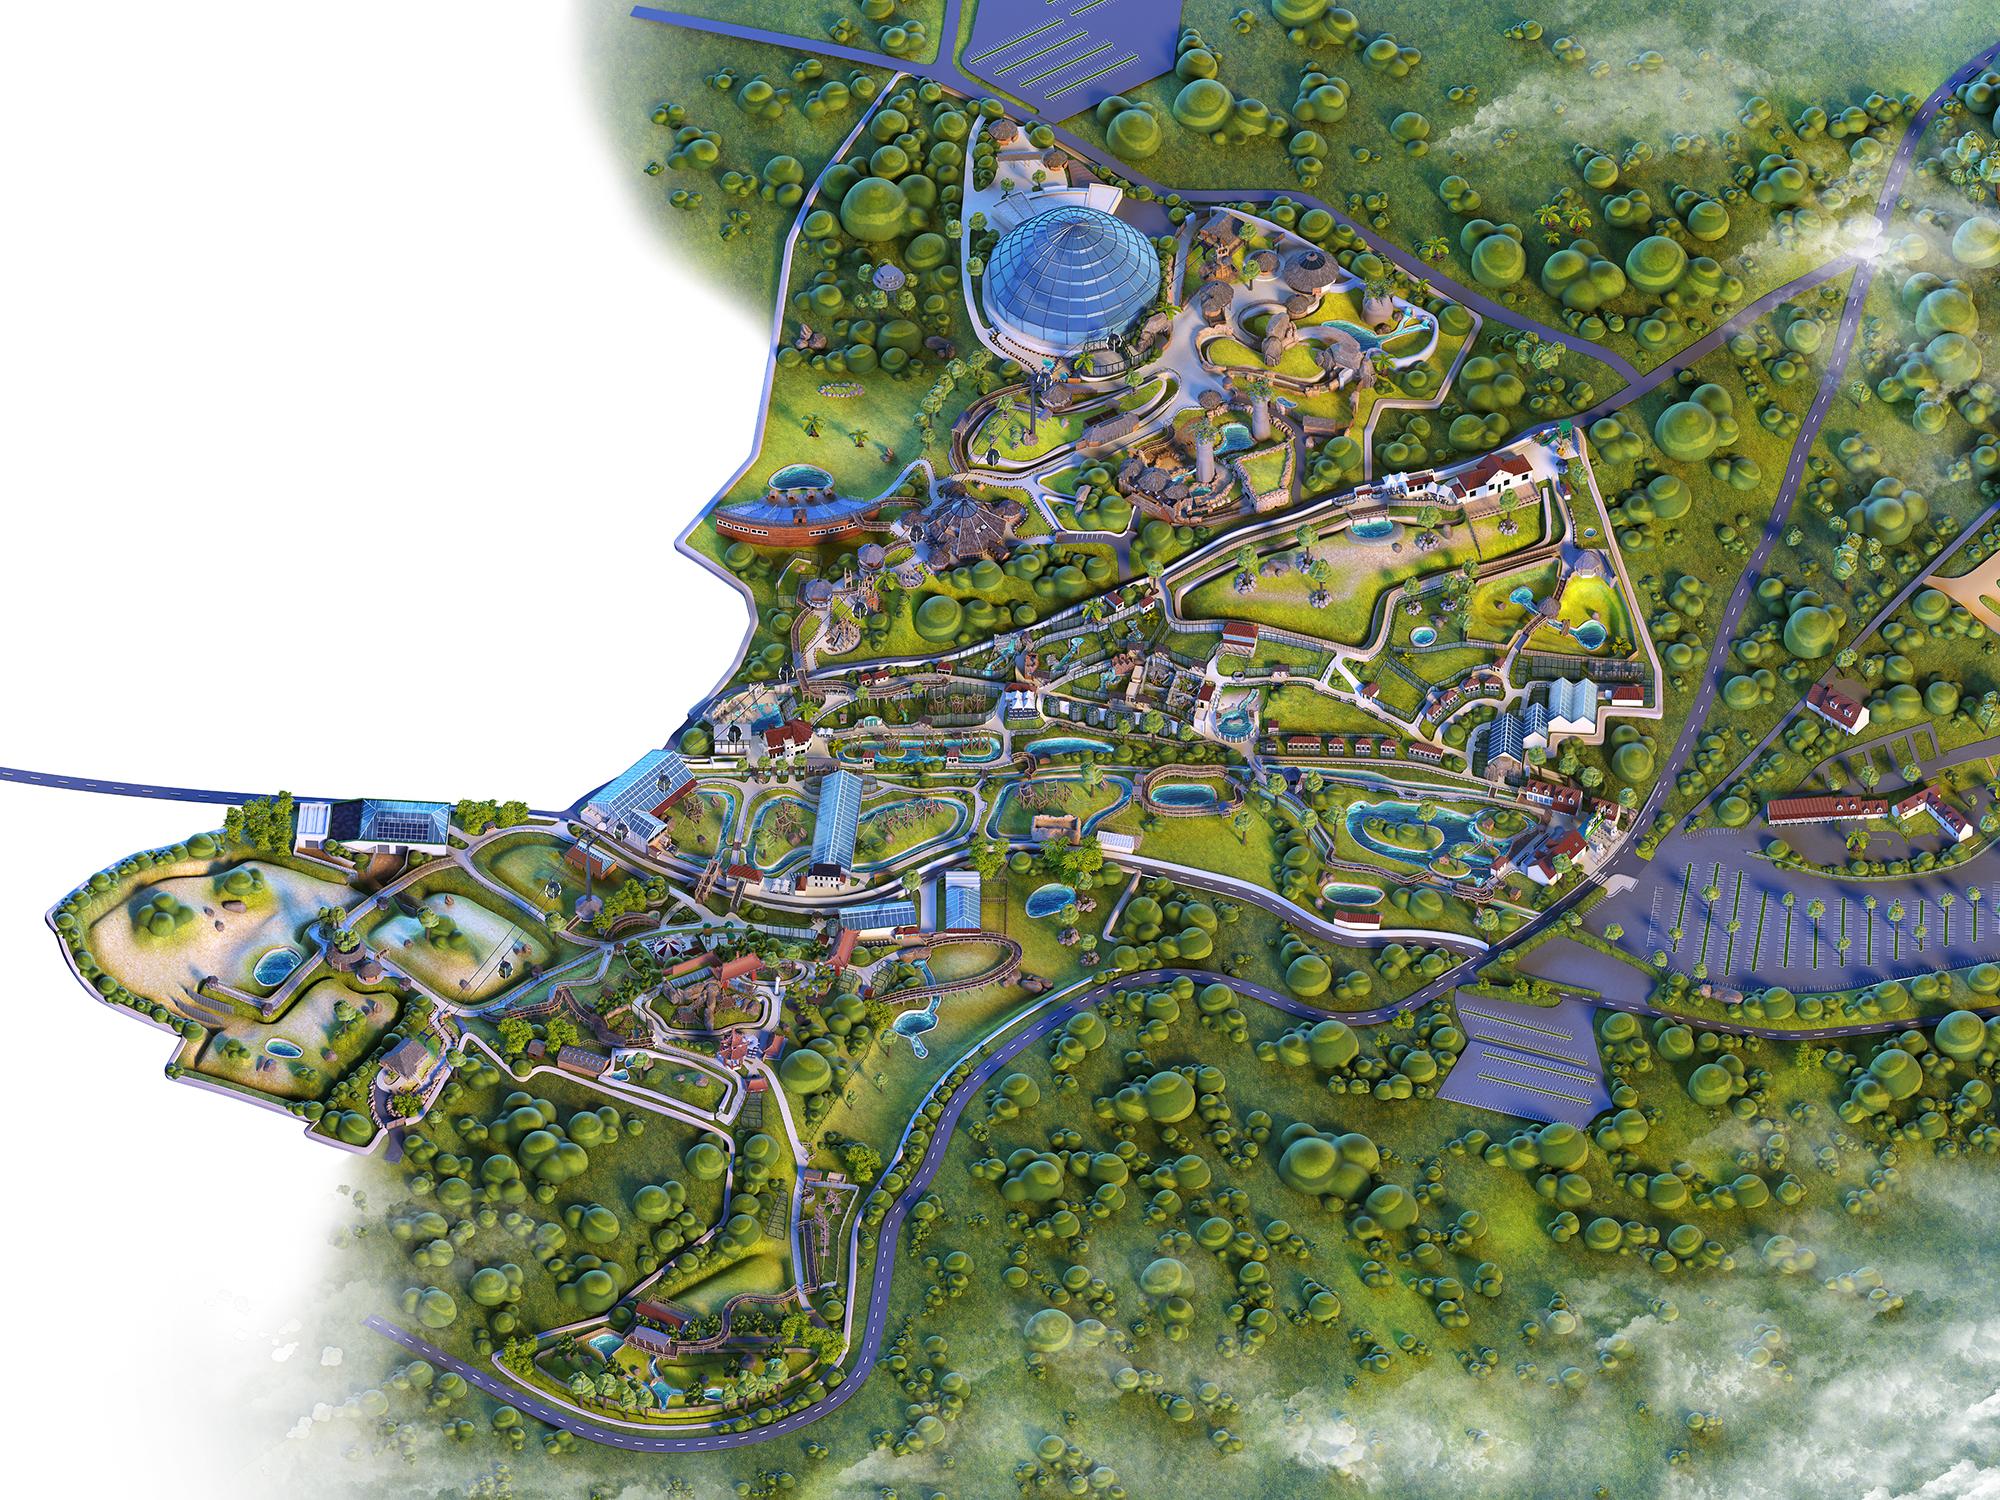 GALERIE-Dripmoon-Studio-3D-Tours-Motion-design-Zooparc-de-Beauval-Plan-du-parc 2